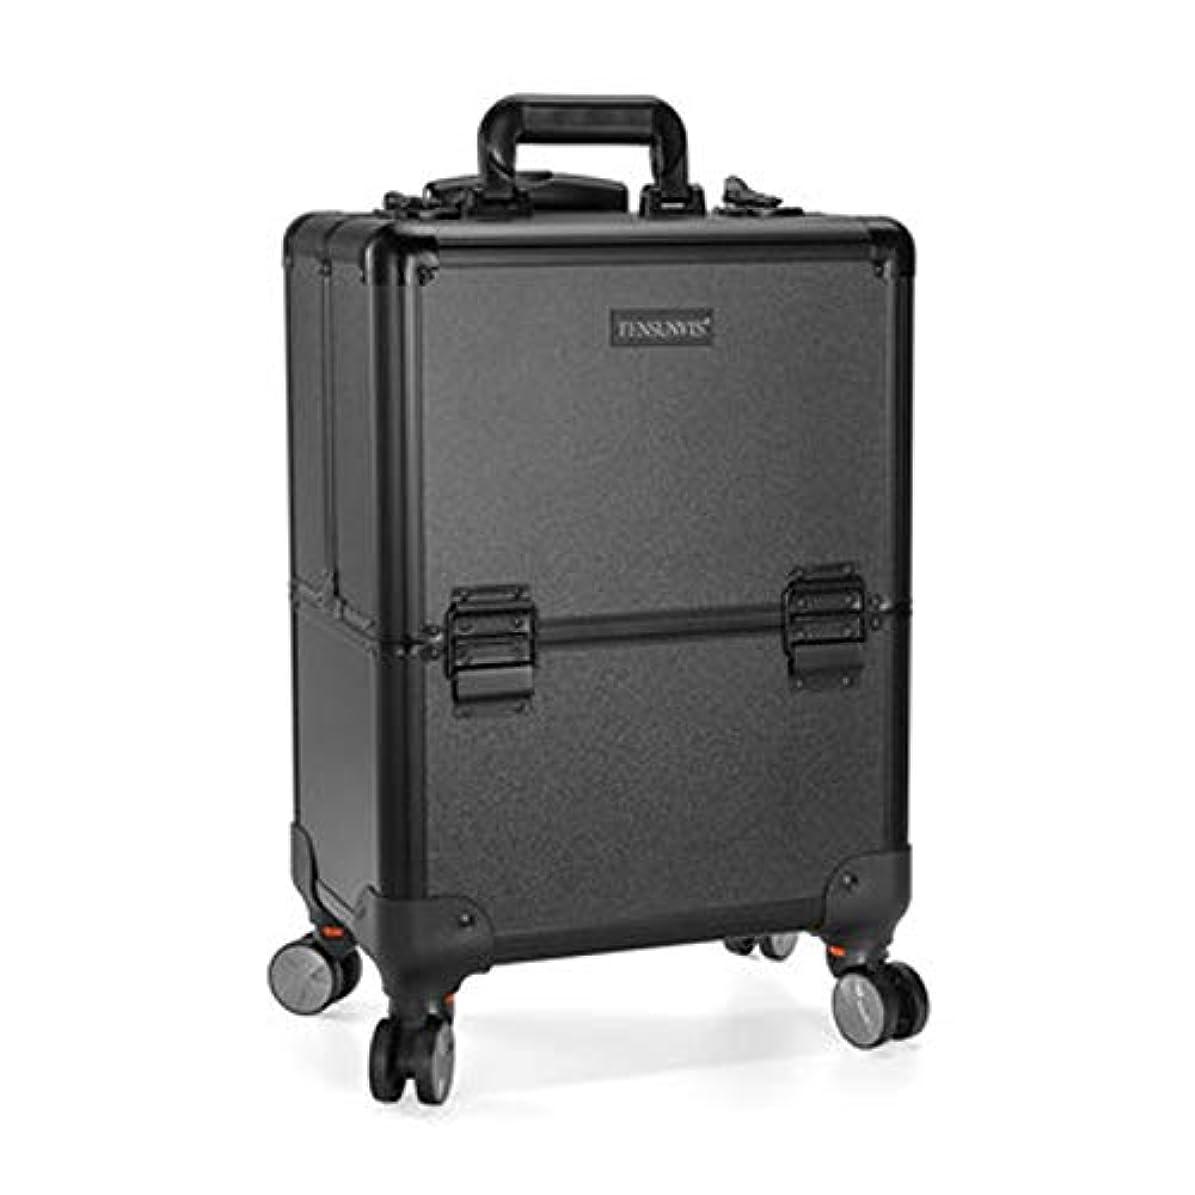 着服応答純粋にプロ専用 美容師 クローゼット スーツケース メイクボックス キャリーバッグ ヘアメイク プロ 大容量 軽量 高品質 多機能 I-TT-317T-B